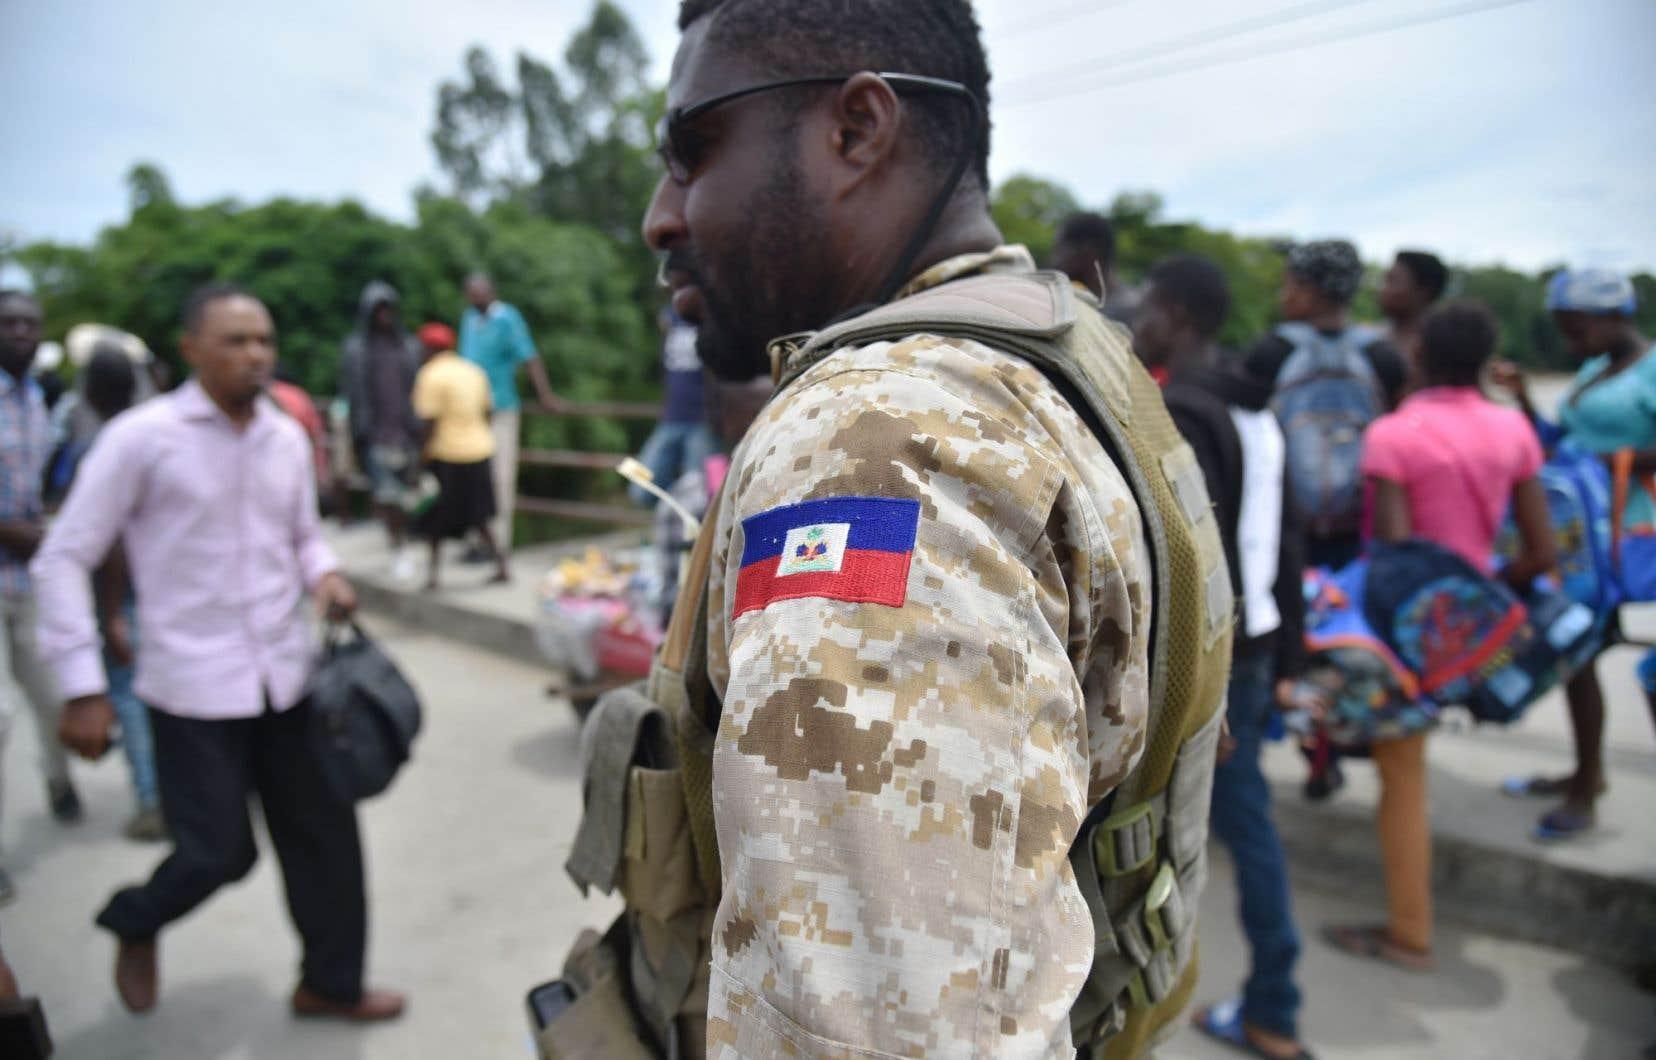 Les habitants d'Haïti rapportent des pénuries d'eau, de nourriture et de médicaments, et plusieurs dénoncent des actes de pillage.